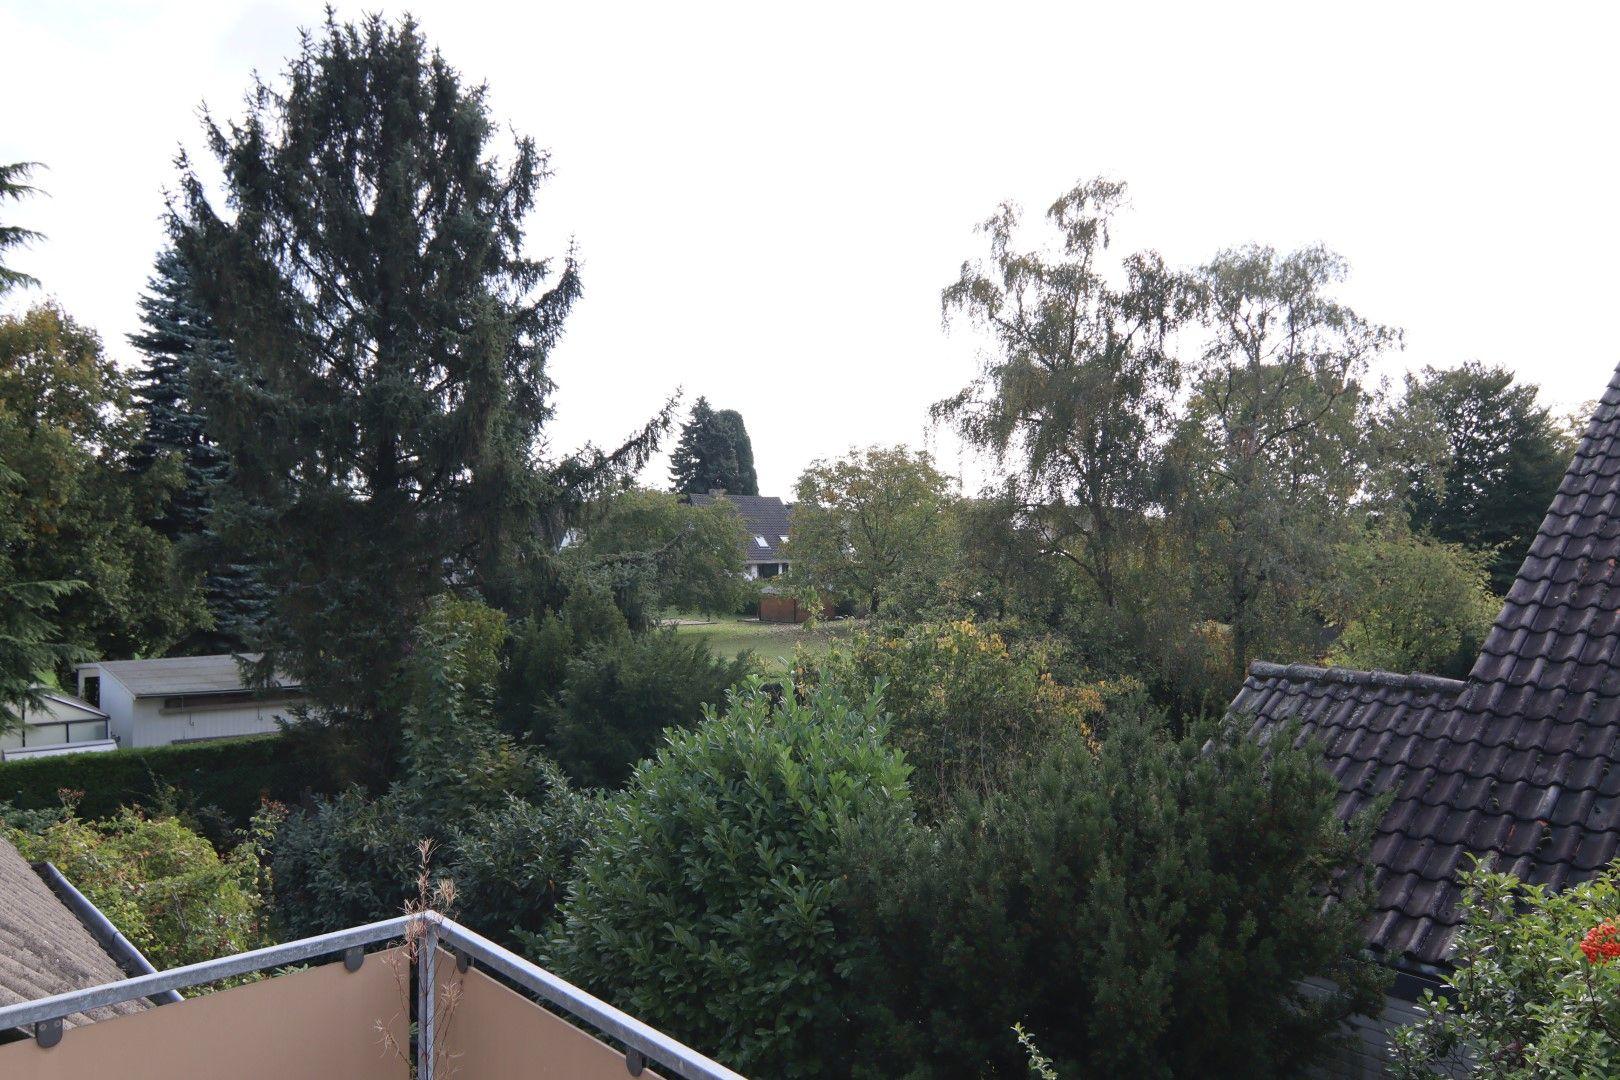 Immobilie Nr.0273 - Doppelhaushälfte in WEG mit Garten & Terrasse - Bild 2.jpg